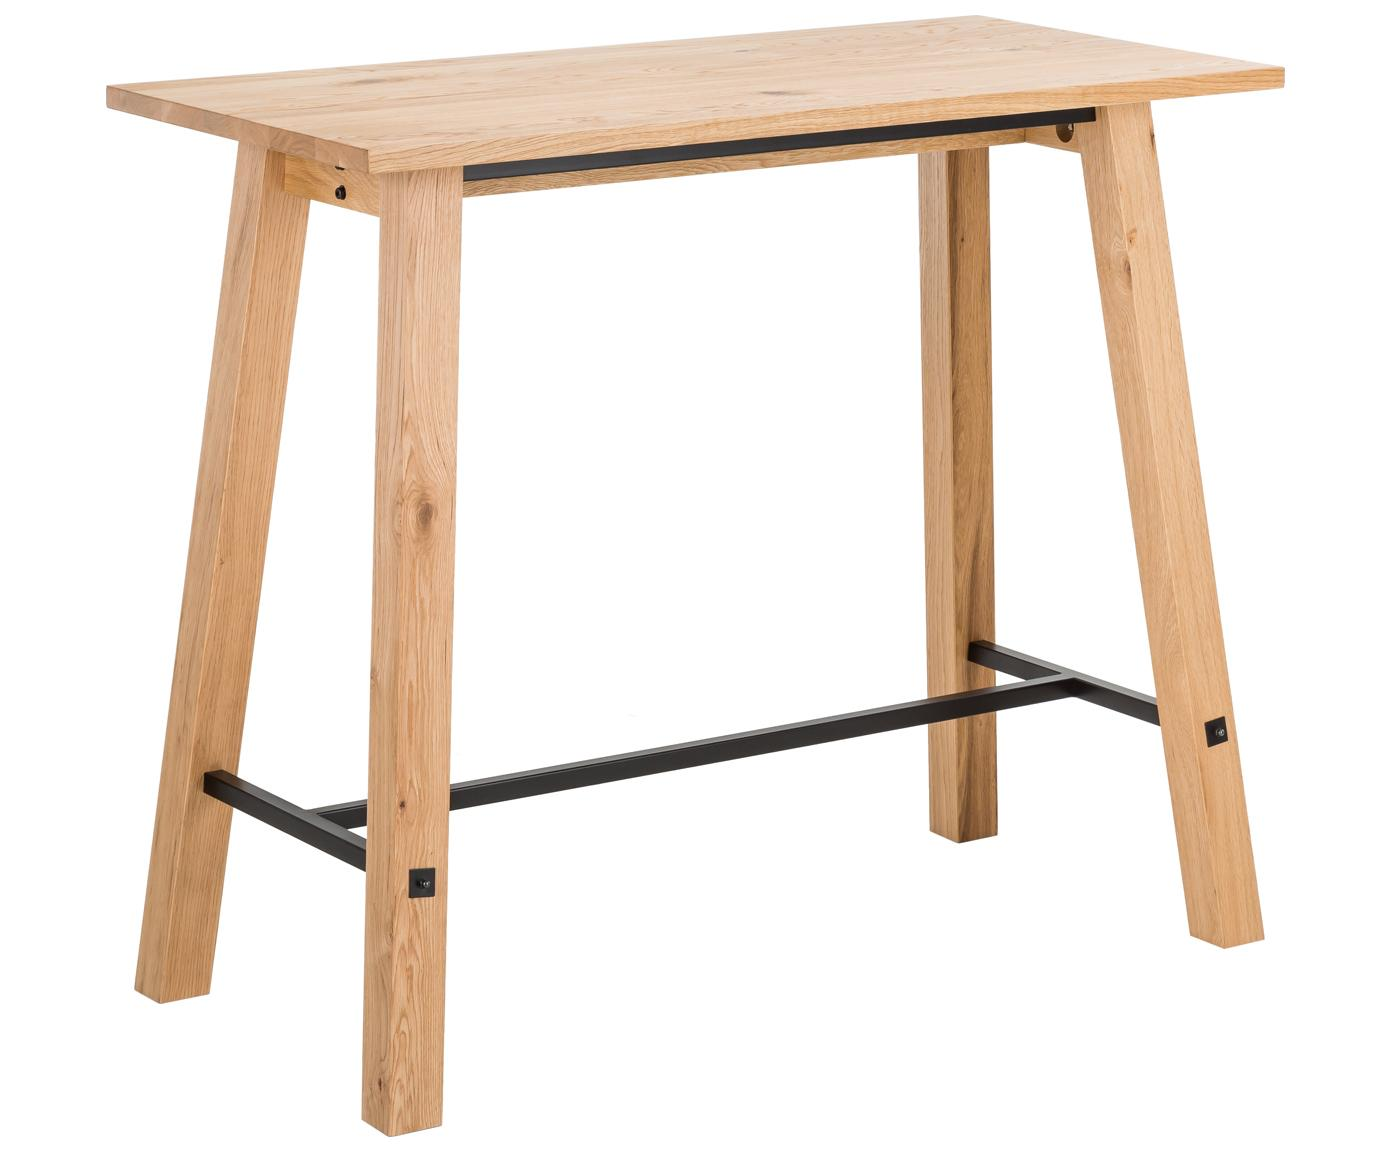 Stół barowy z drewna dębowego Stockholm, Drewno dębowe<br>Poprzeczka: czarny, 120 x 105 cm